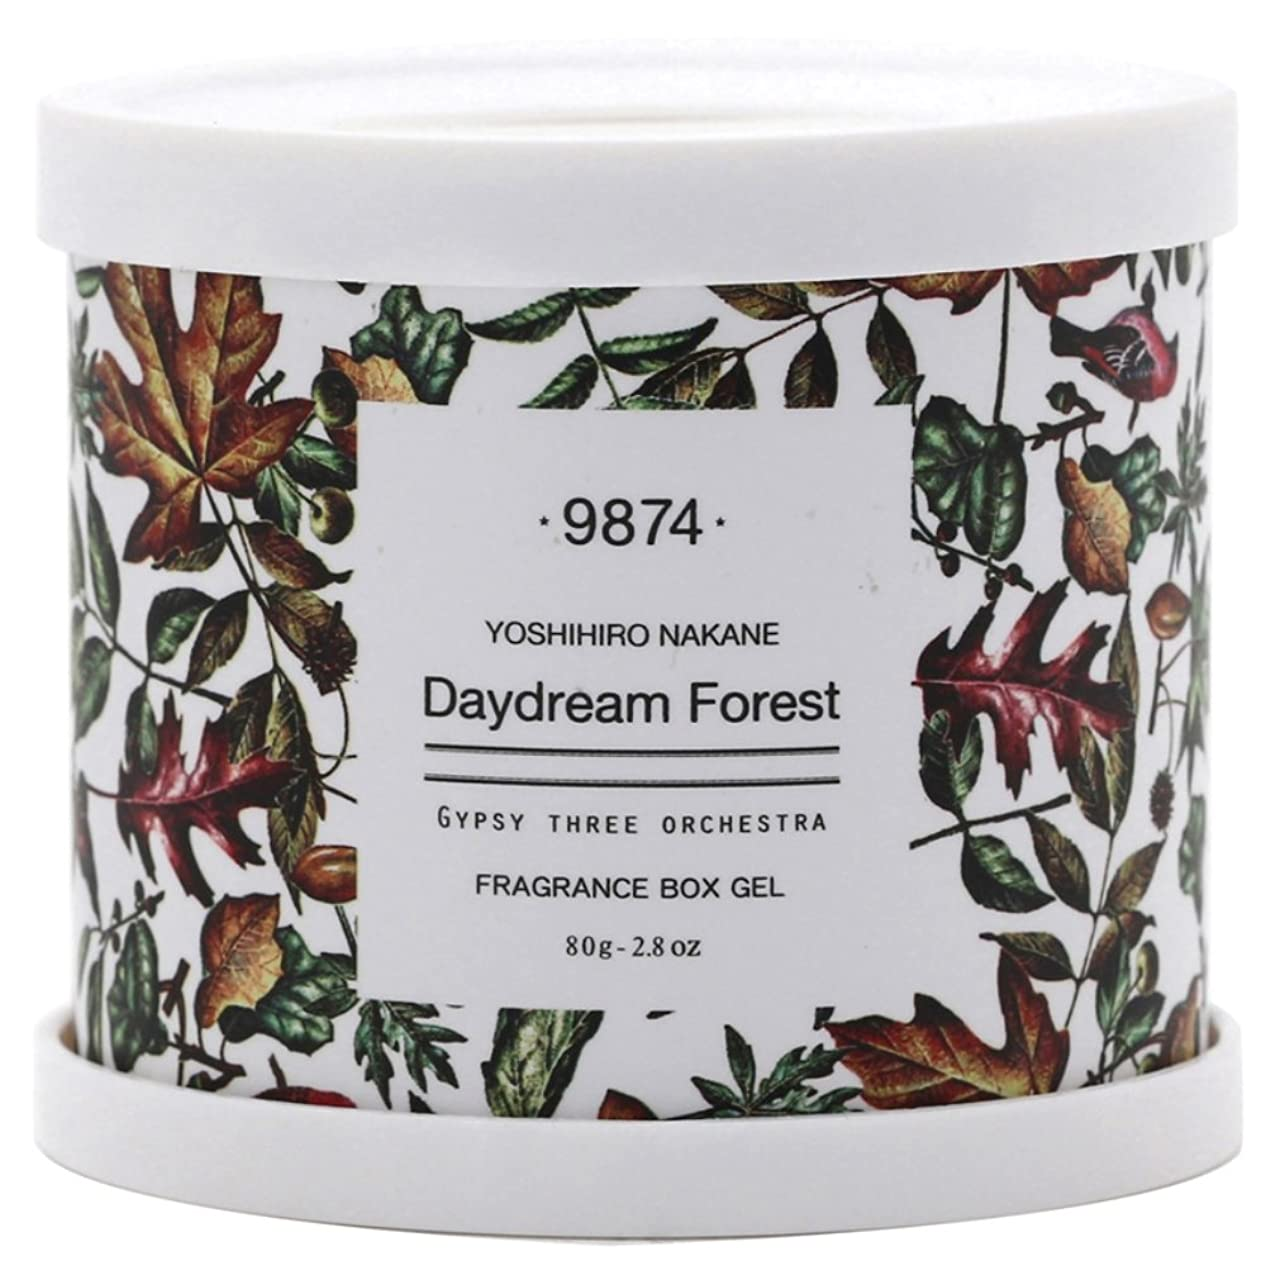 弾力性のある傀儡磁気ノルコーポレーション 芳香剤 GYPSY THREE ORCHESTRA × YOSHIHIRO NAKANE フレグランスボックスジェル 80g DAYDREAM FOREST OA-GOF-2-3